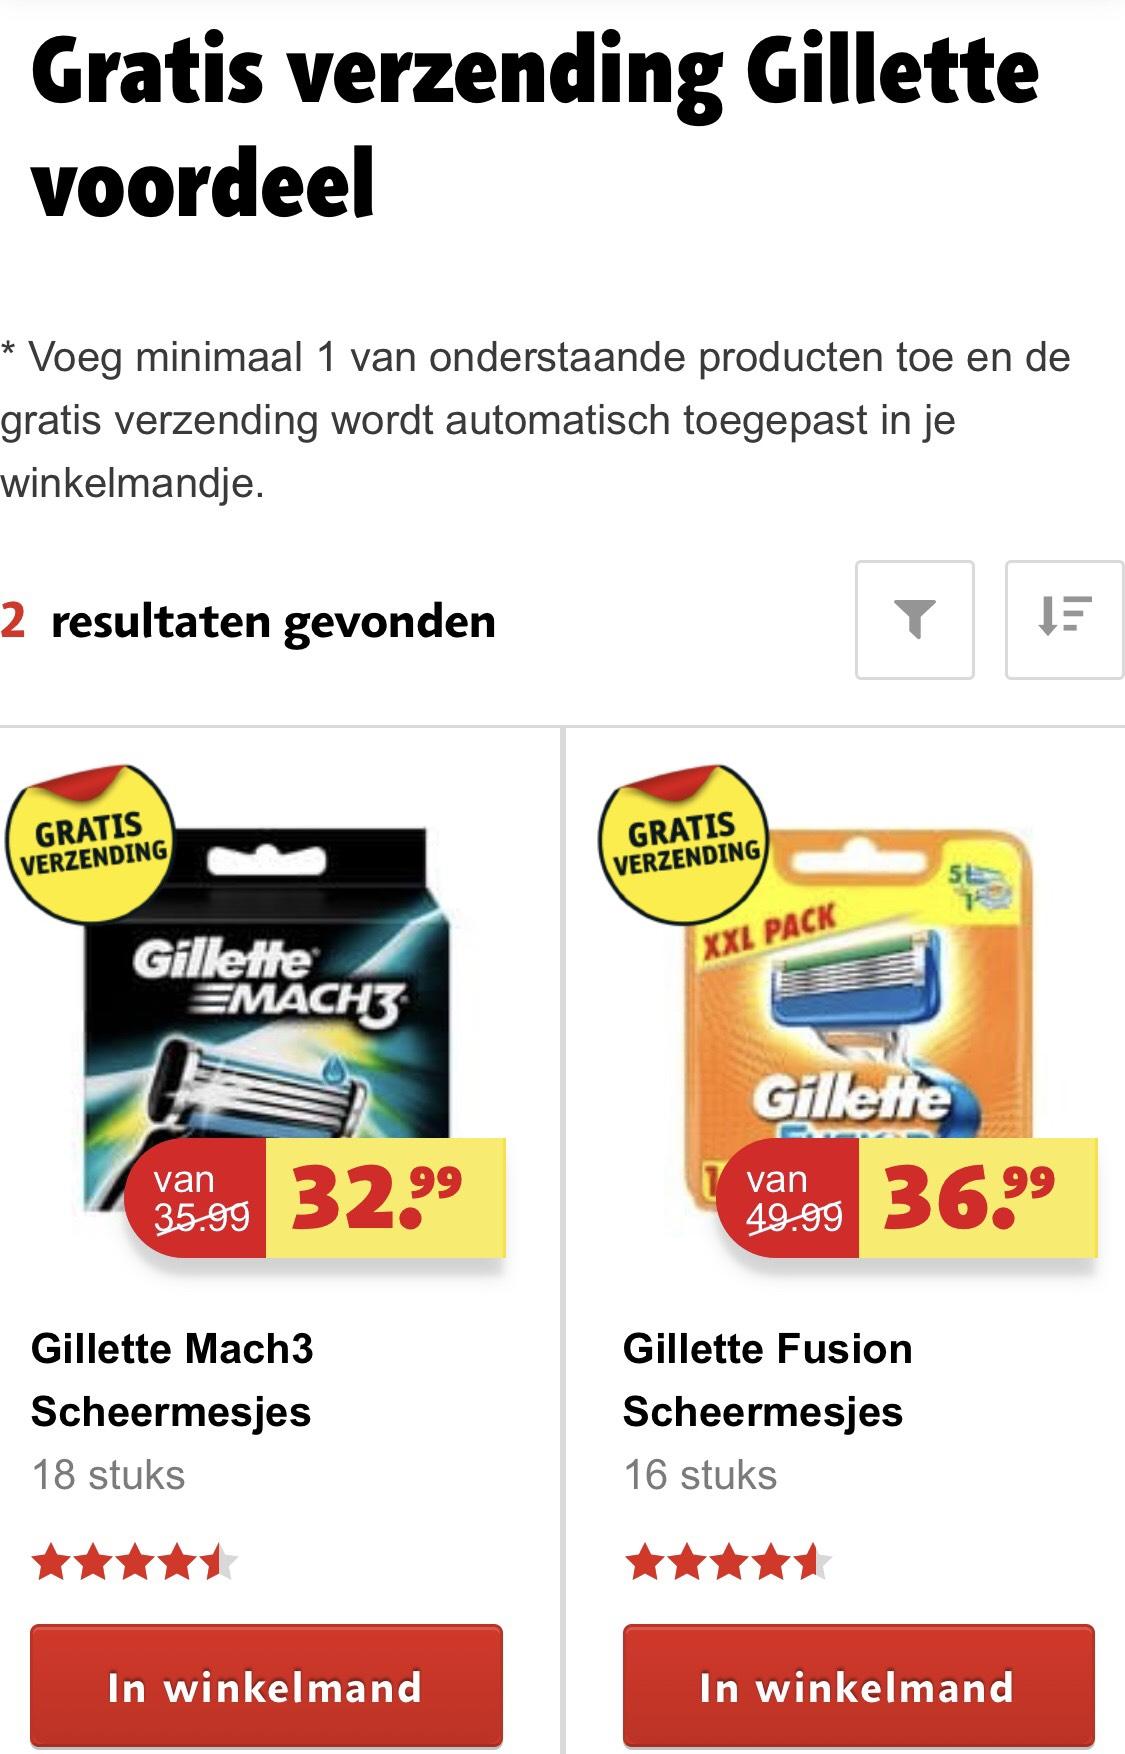 SCHERPE Gillette voordeelverpakkingen met GRATIS verzending @Kruidvat